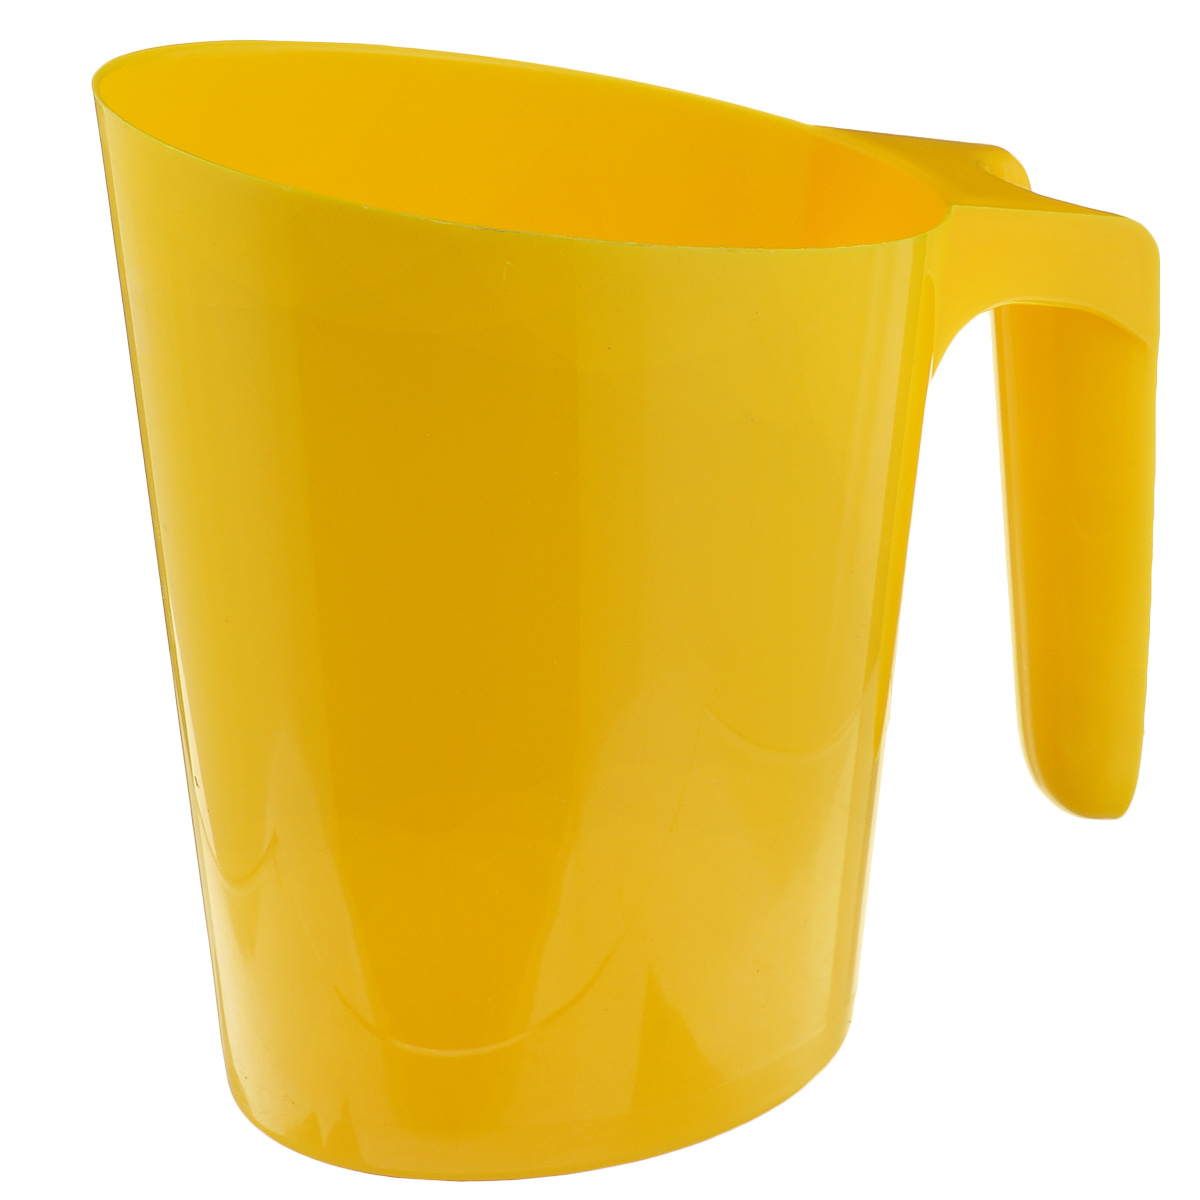 Кувшин для молочного пакета Idea, цвет: желтыйVT-1520(SR)Каждый сталкивался с проблемой неустойчивого молочного пакета. Громоздкие кастрюли занимают много места и неопрятно выглядят среди остальных продуктов. Кувшин Idea очень компактный, он позволит спокойно разместить остатки молока на полках или дверце холодильника. Кувшин надежен и устойчив, большое дно и широкая удобная ручка предотвратят опрокидывание. Вы так же сможете использовать его под компот, морс или сок. Кувшин Idea будет вашим надежным помощником в любой ситуации! Размер по верхнему краю: 13,5 см х 9 см.Высота: 17 см.